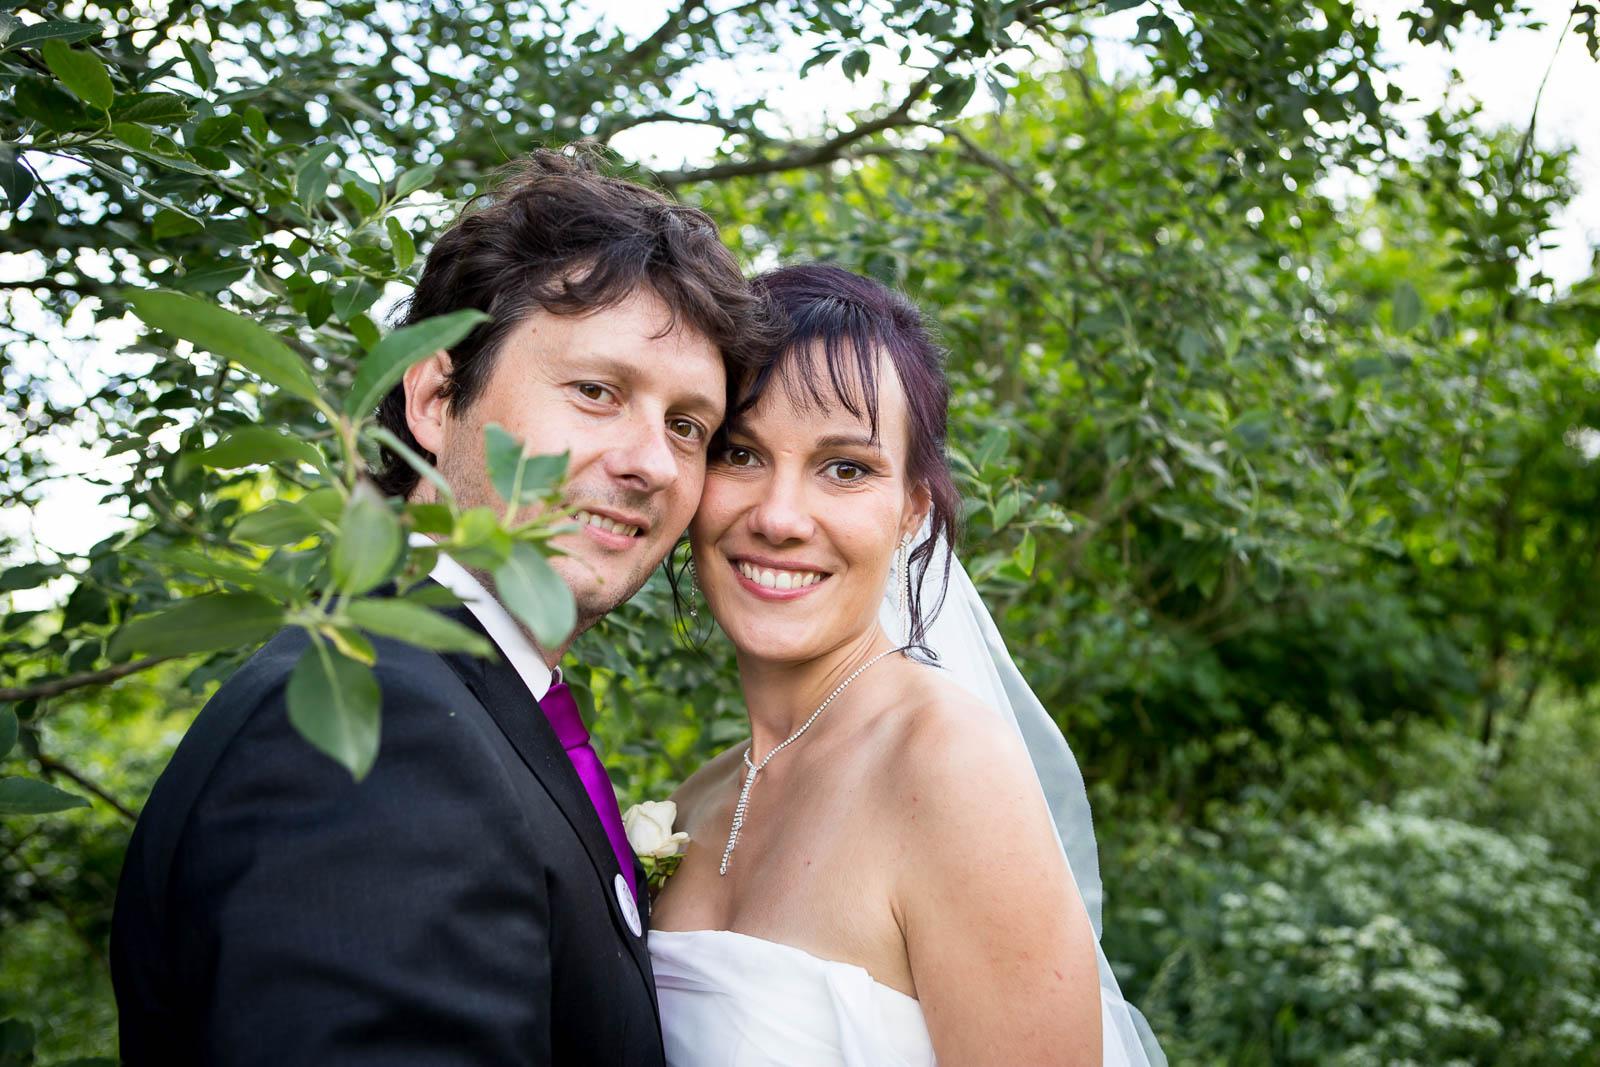 Svatební-fotografie-Mirka-a-Petr-svatební-fotograf- svatebni-kameraman-studio-Beautyfoto-Jižní-Čechy-Zvíkov-Orlík-svatební-videobeautyfoto-80